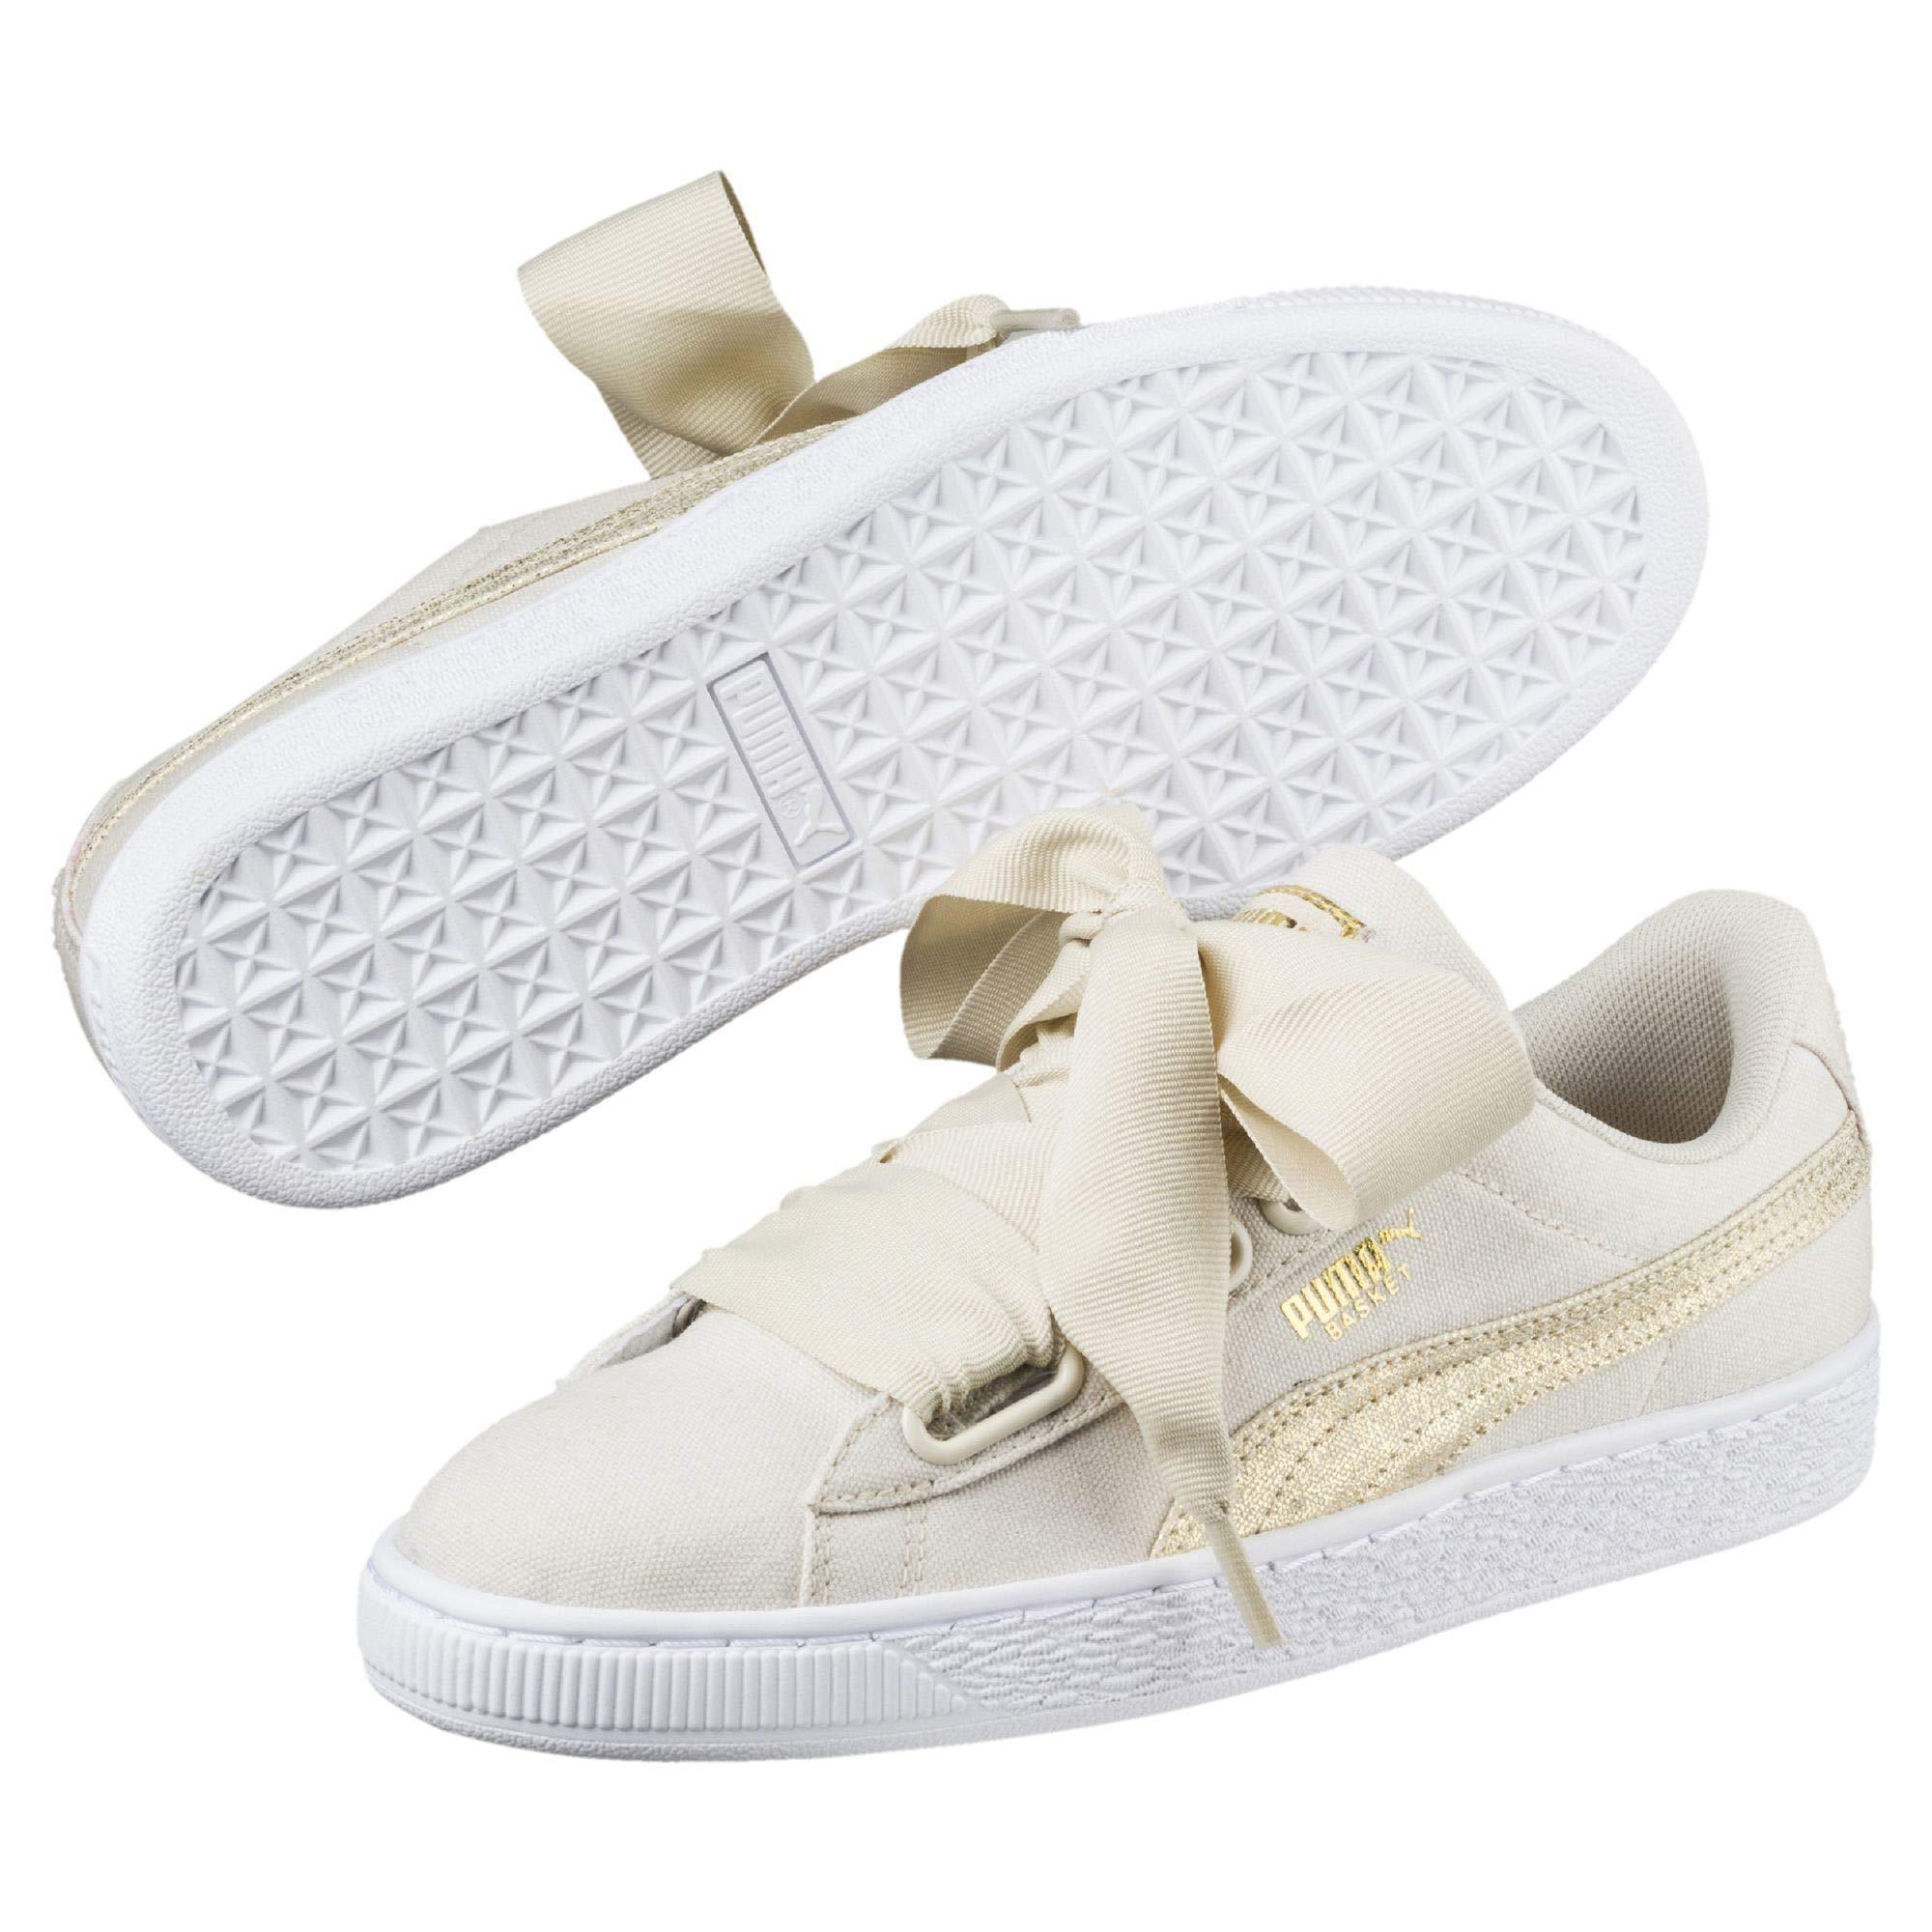 Puma Sneaker 366495-01 Basket Heart